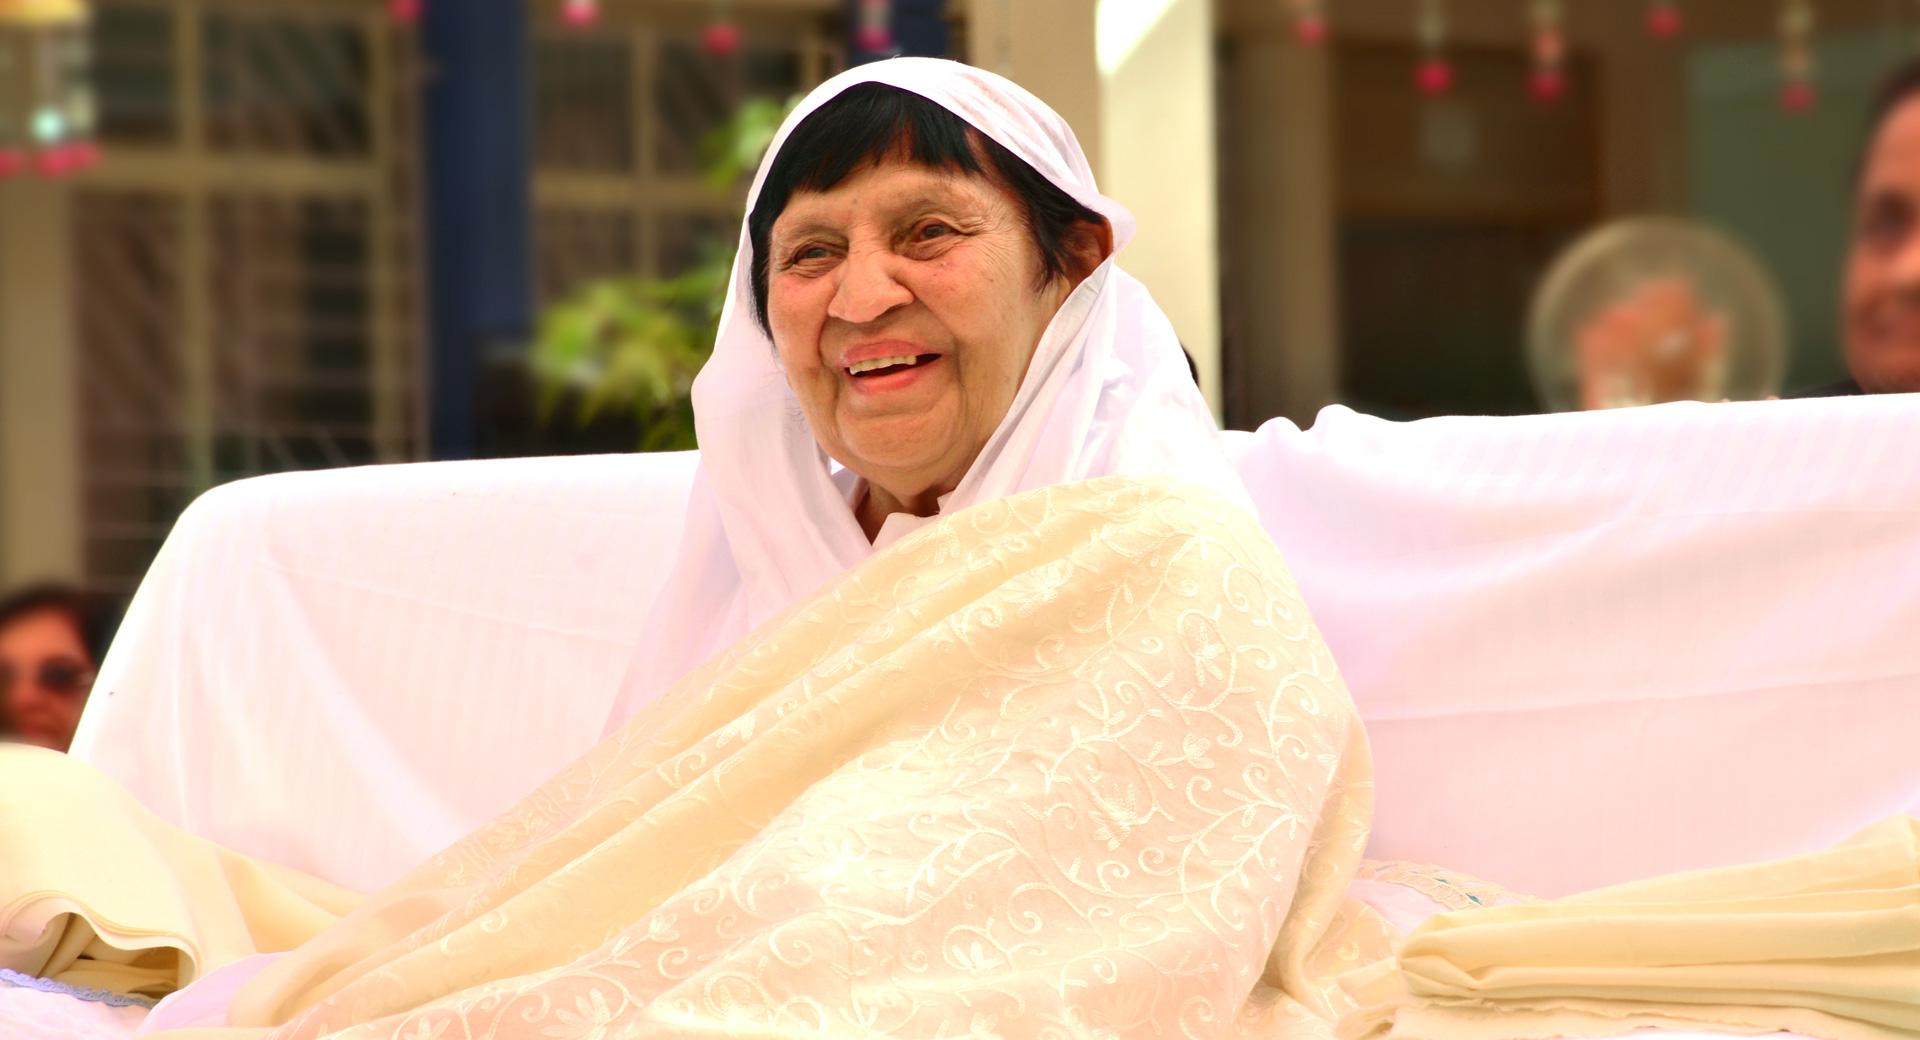 Pujya Acharya Shri Chandanaji